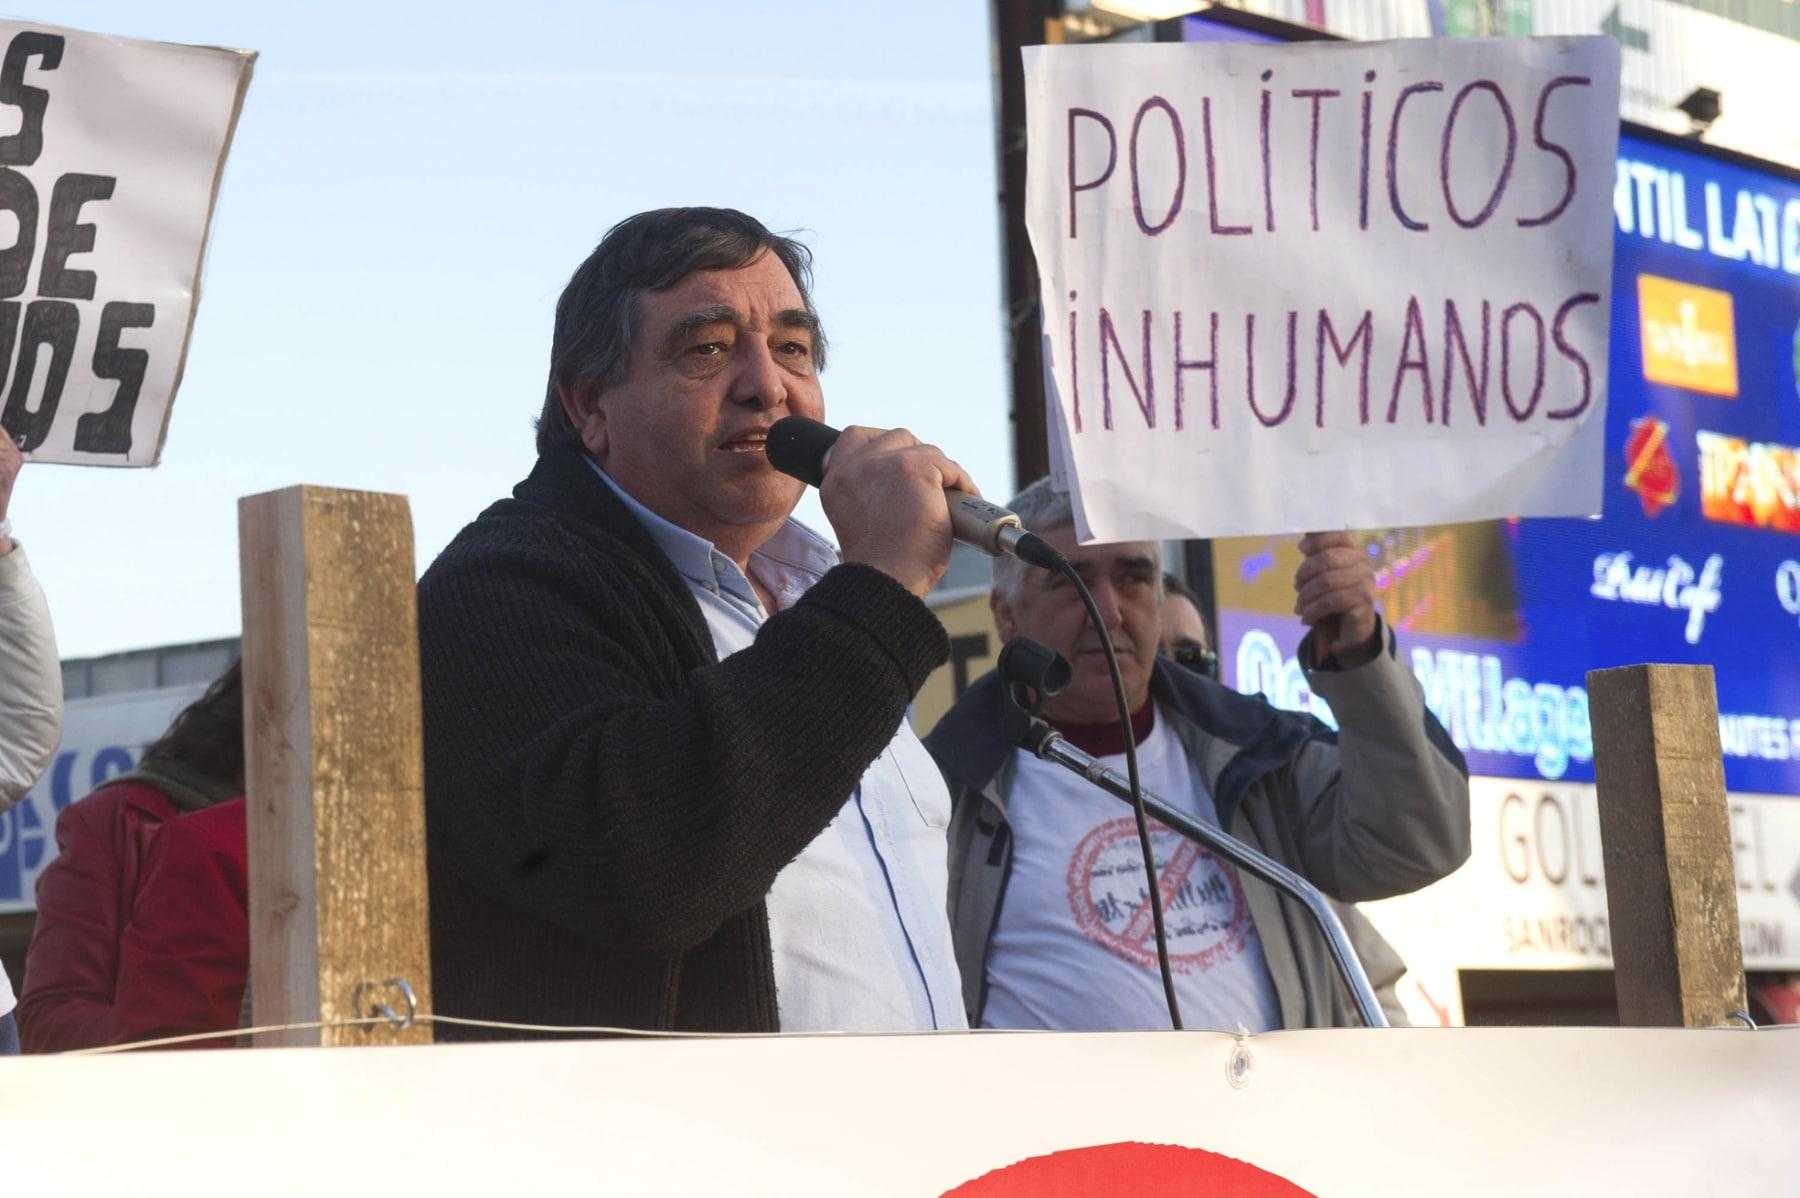 manifestacin-por-una-frontera-humanitaria-10_12360006745_o